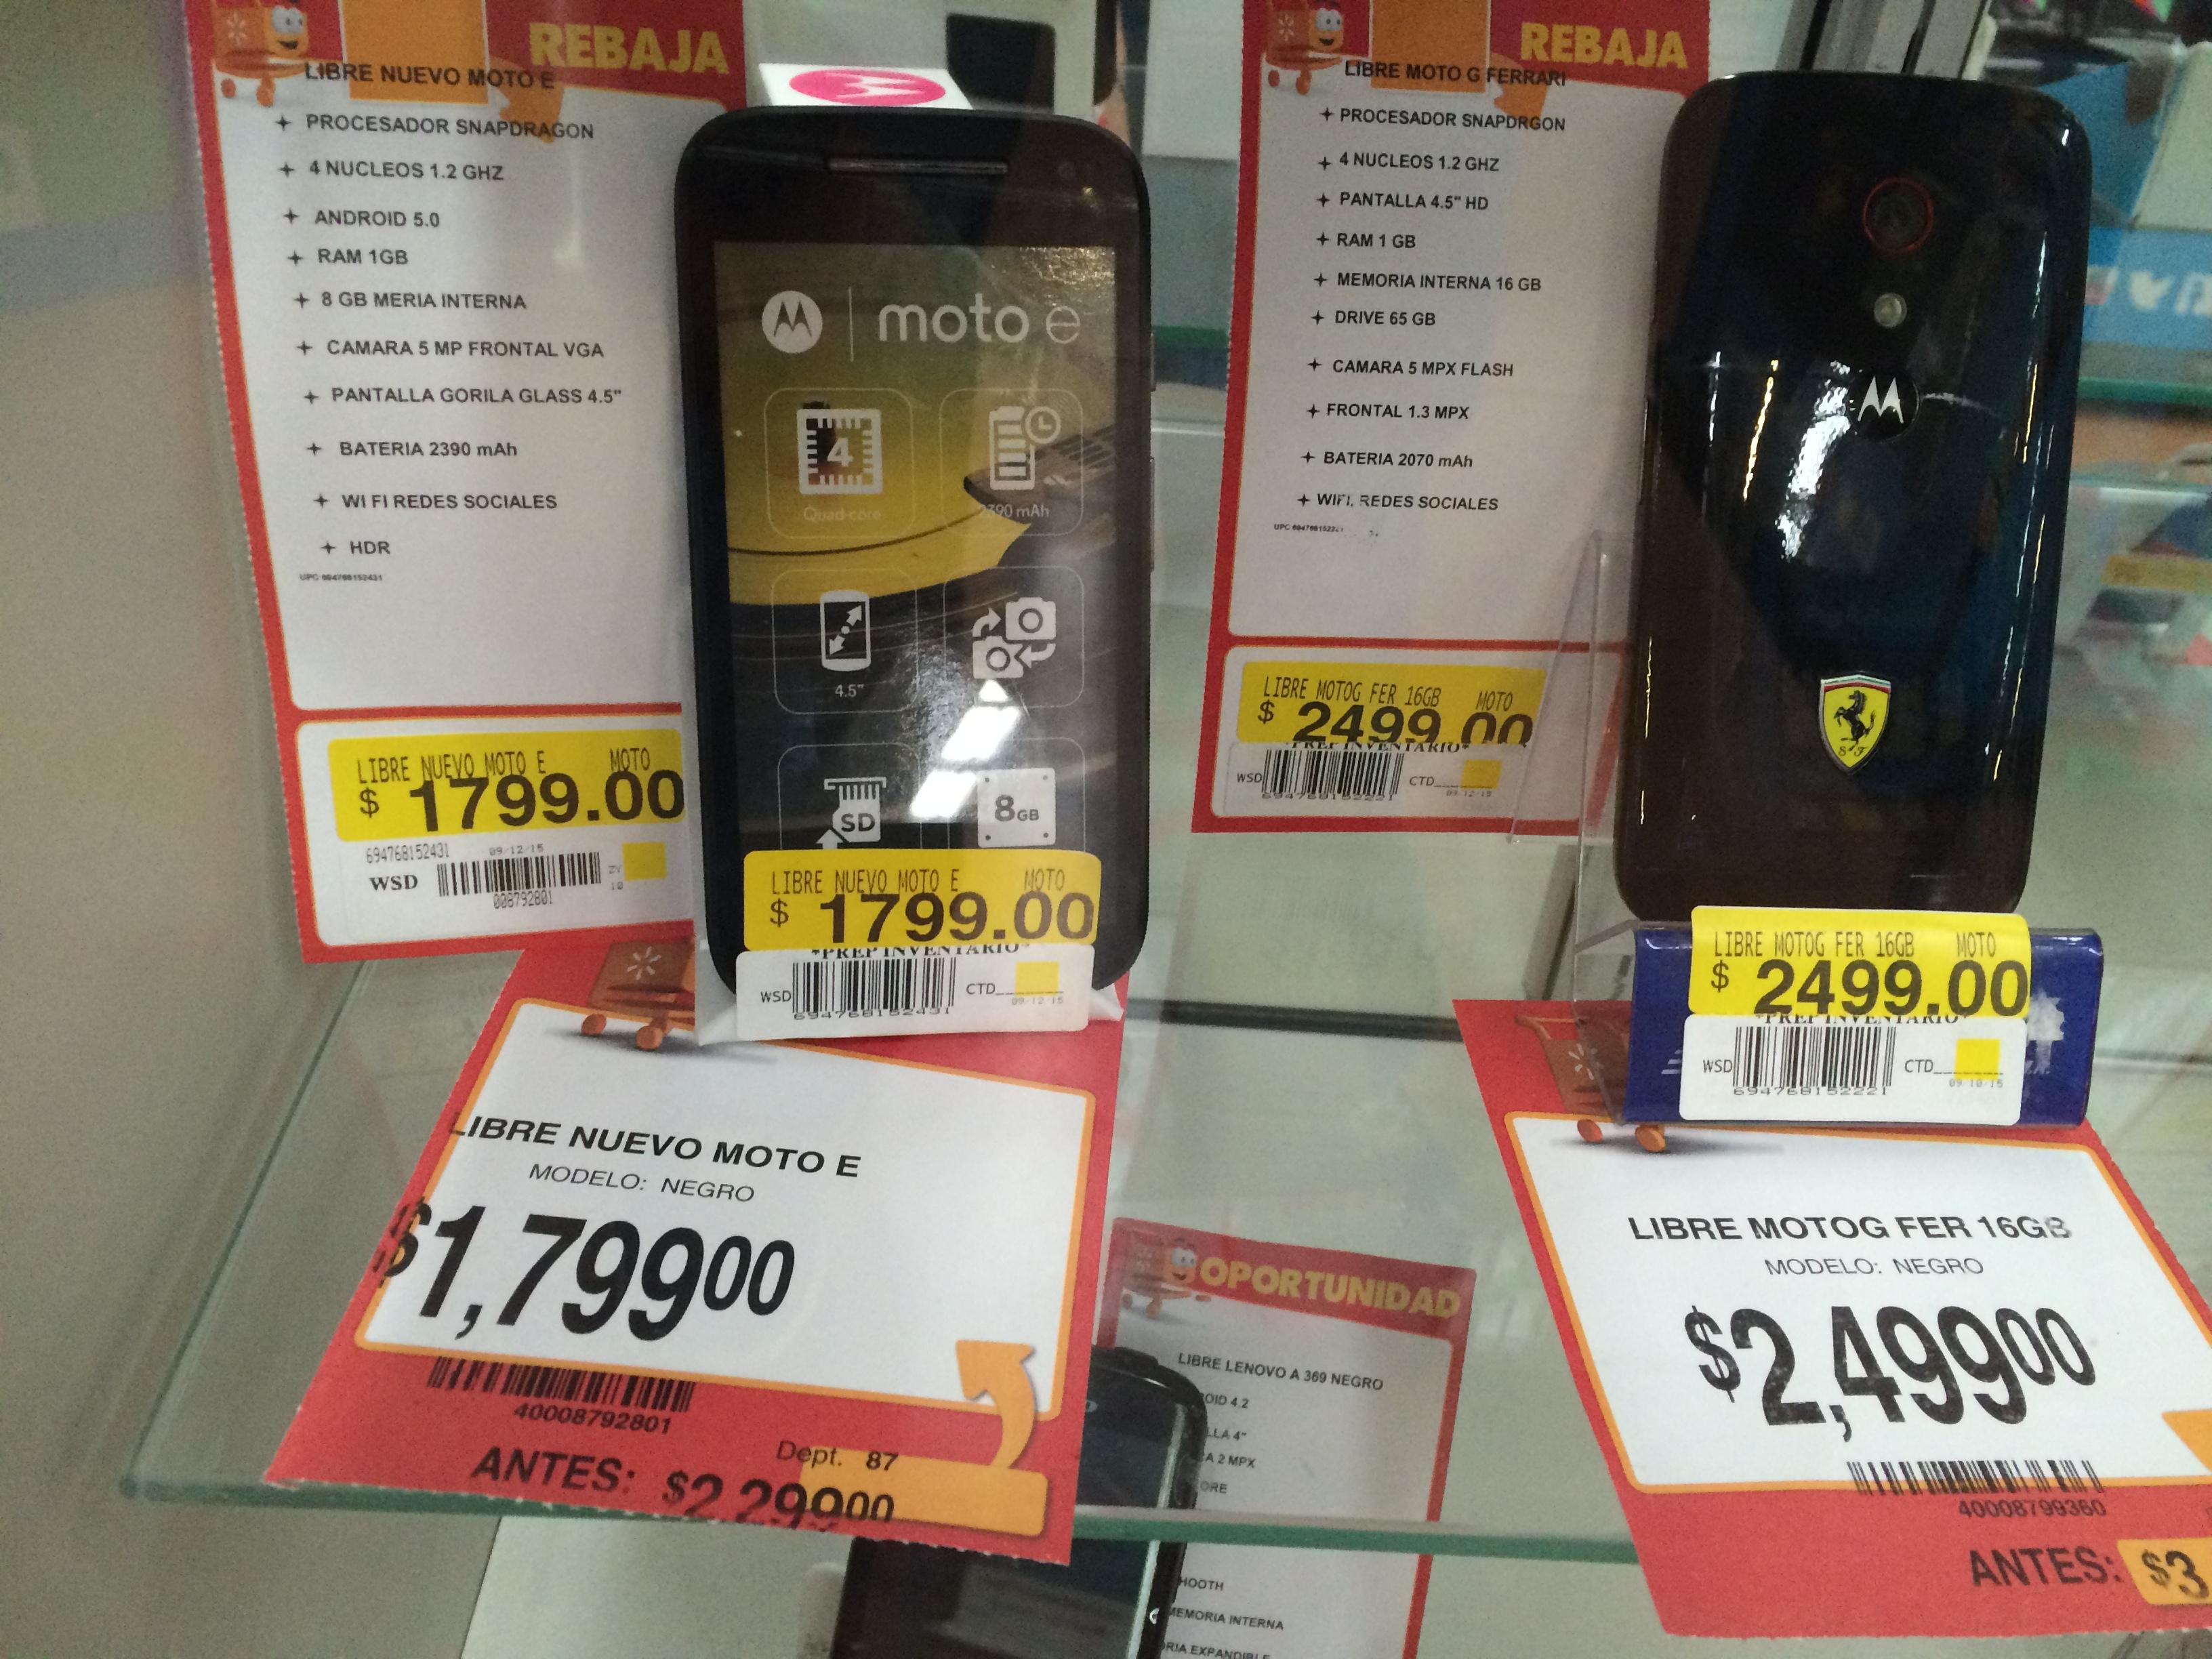 Walmart: Motorola Moto e a $1799